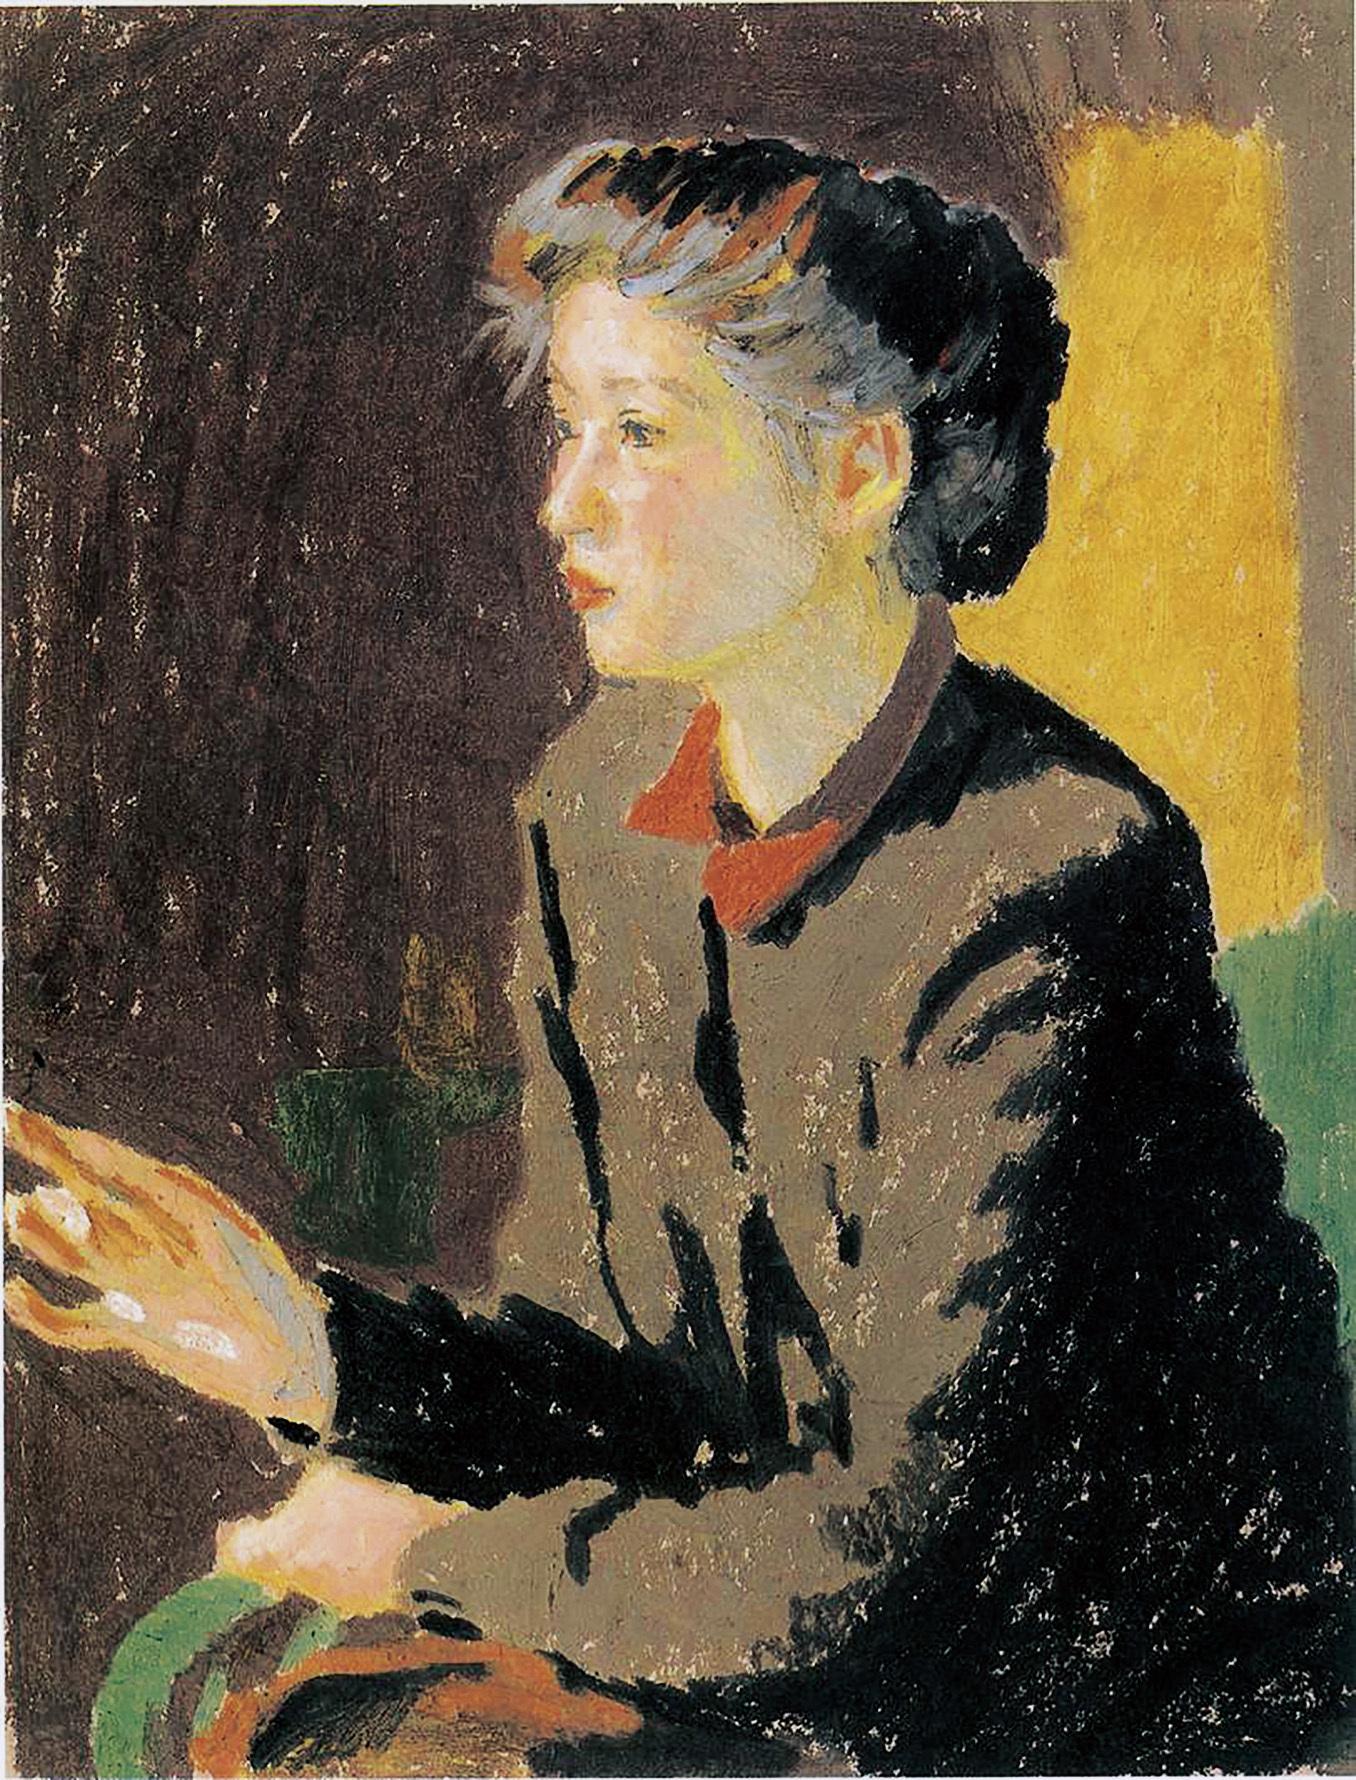 小磯良平《婦人像》 1951年40.0×31.4cmサクラアートミュージアム蔵